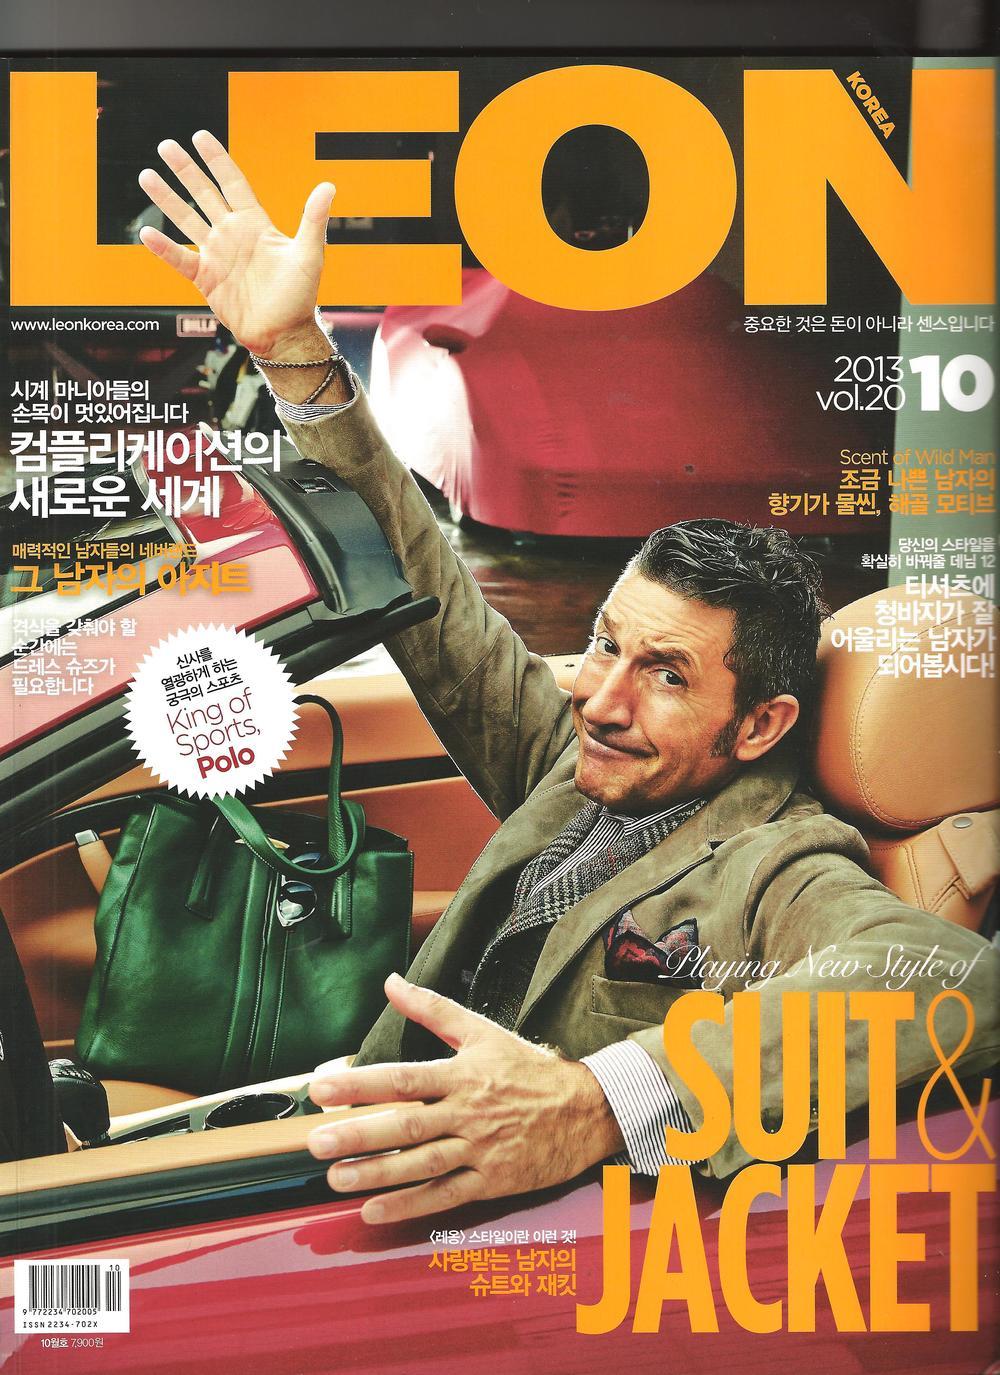 2013-10 Leon cover.jpg